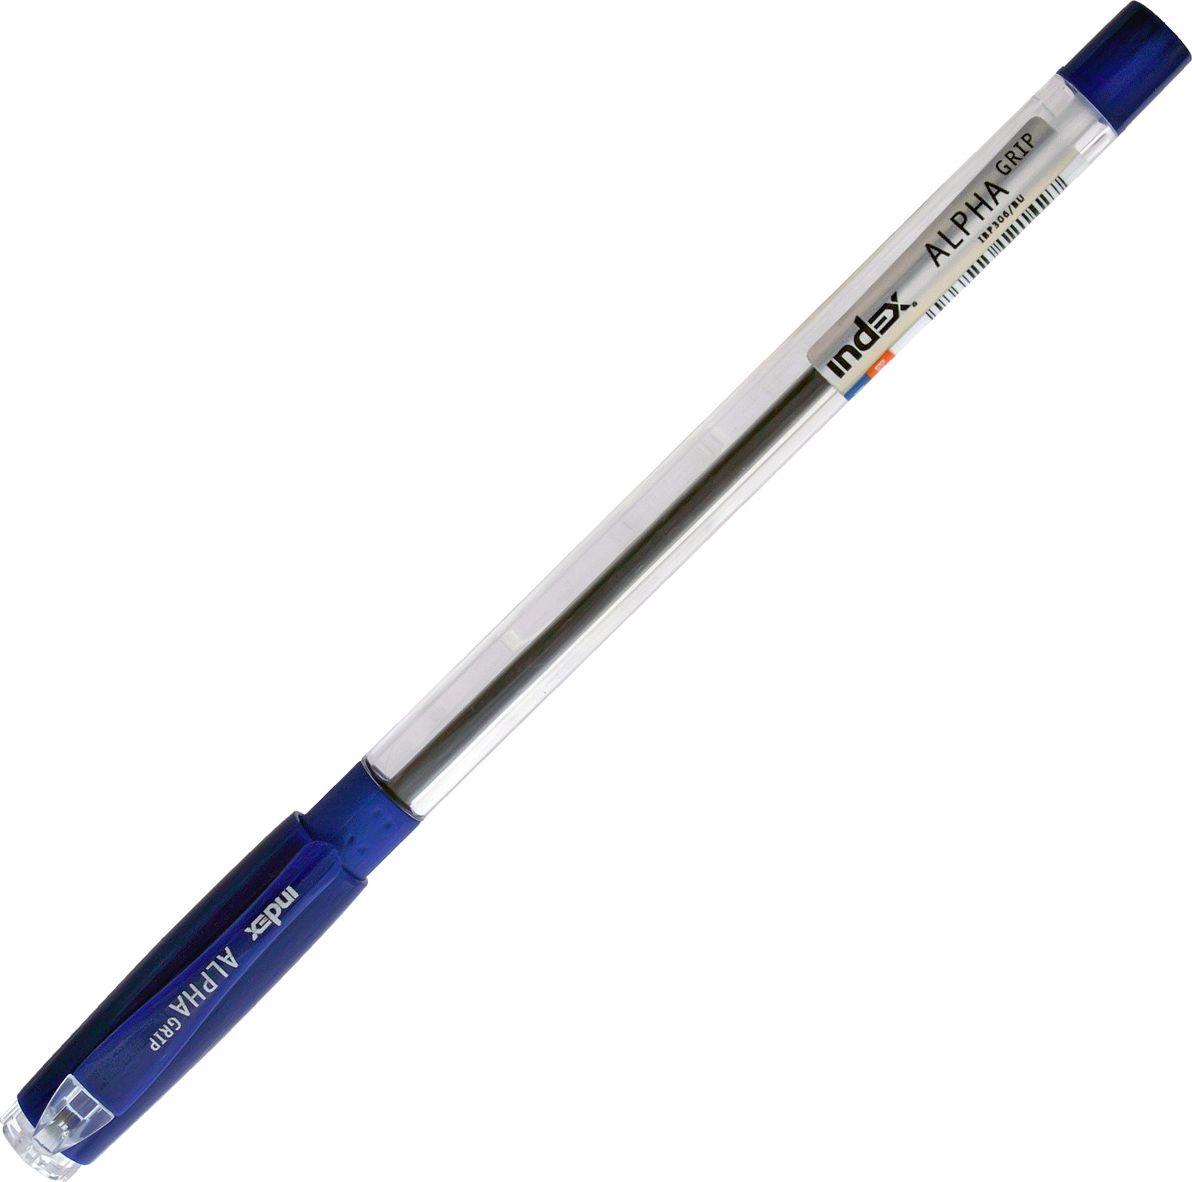 Index Ручка шариковая Alpha Grip цвет чернил синийPP-220Прозрачный корпус с резиновым упором под пальцы. Колпачок и наконечник в цвет чернил. Чернила на масляной основе. Толщина линии - 0,5 мм. Диаметр шарика - 0,7 мм. Цвет чернил - синий. В пакете с европодвесом